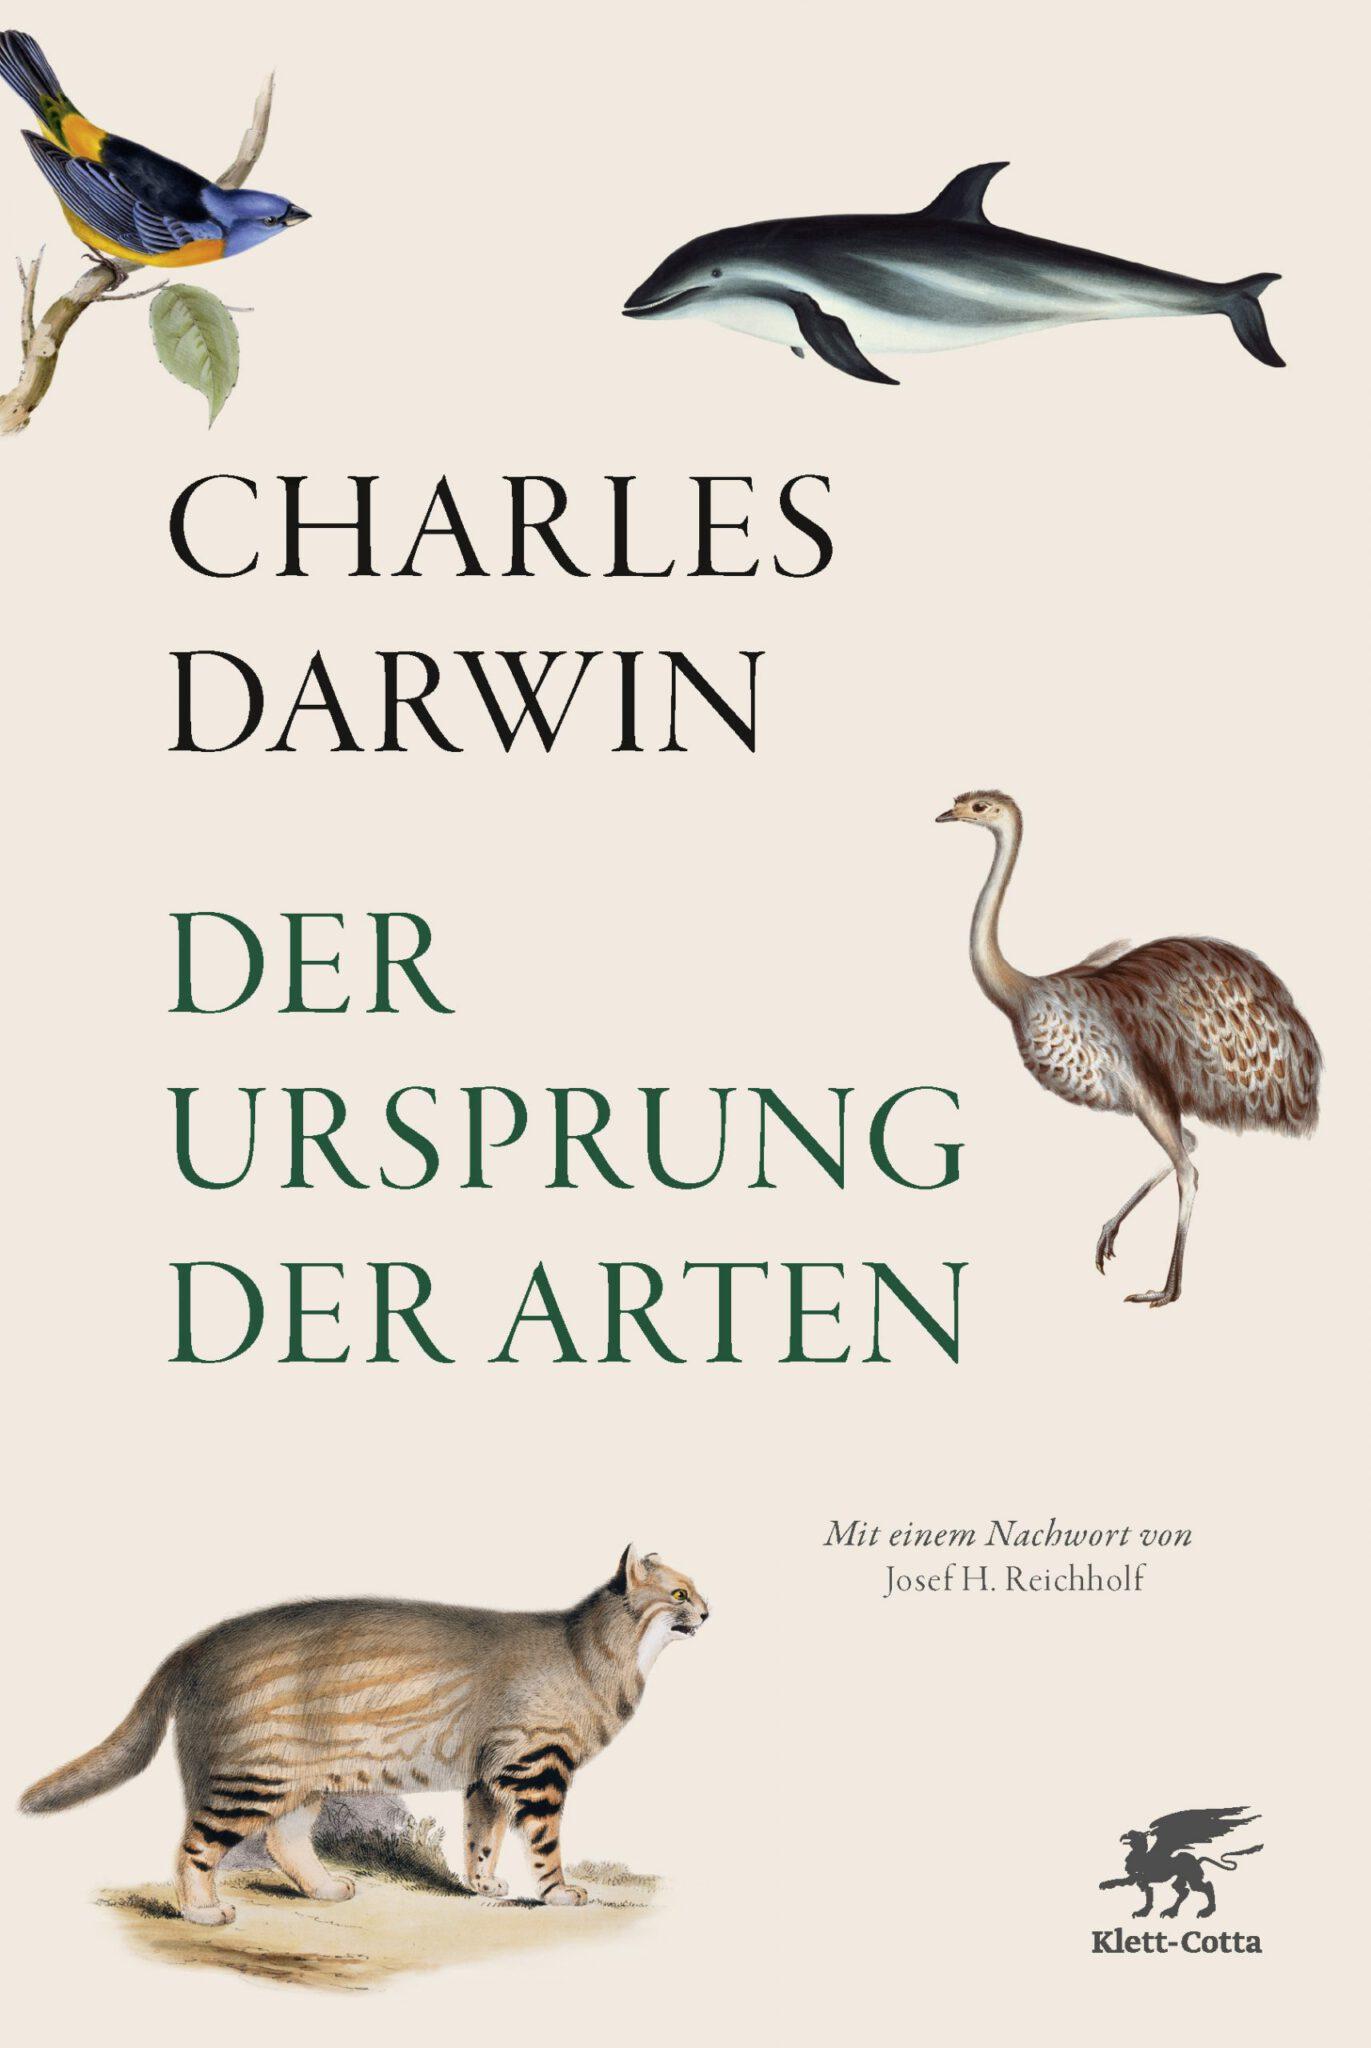 Schuberabbildung - beige mit Tierillustrationen: Raubkatze, Vogel Strauß, Delfin, Vogel